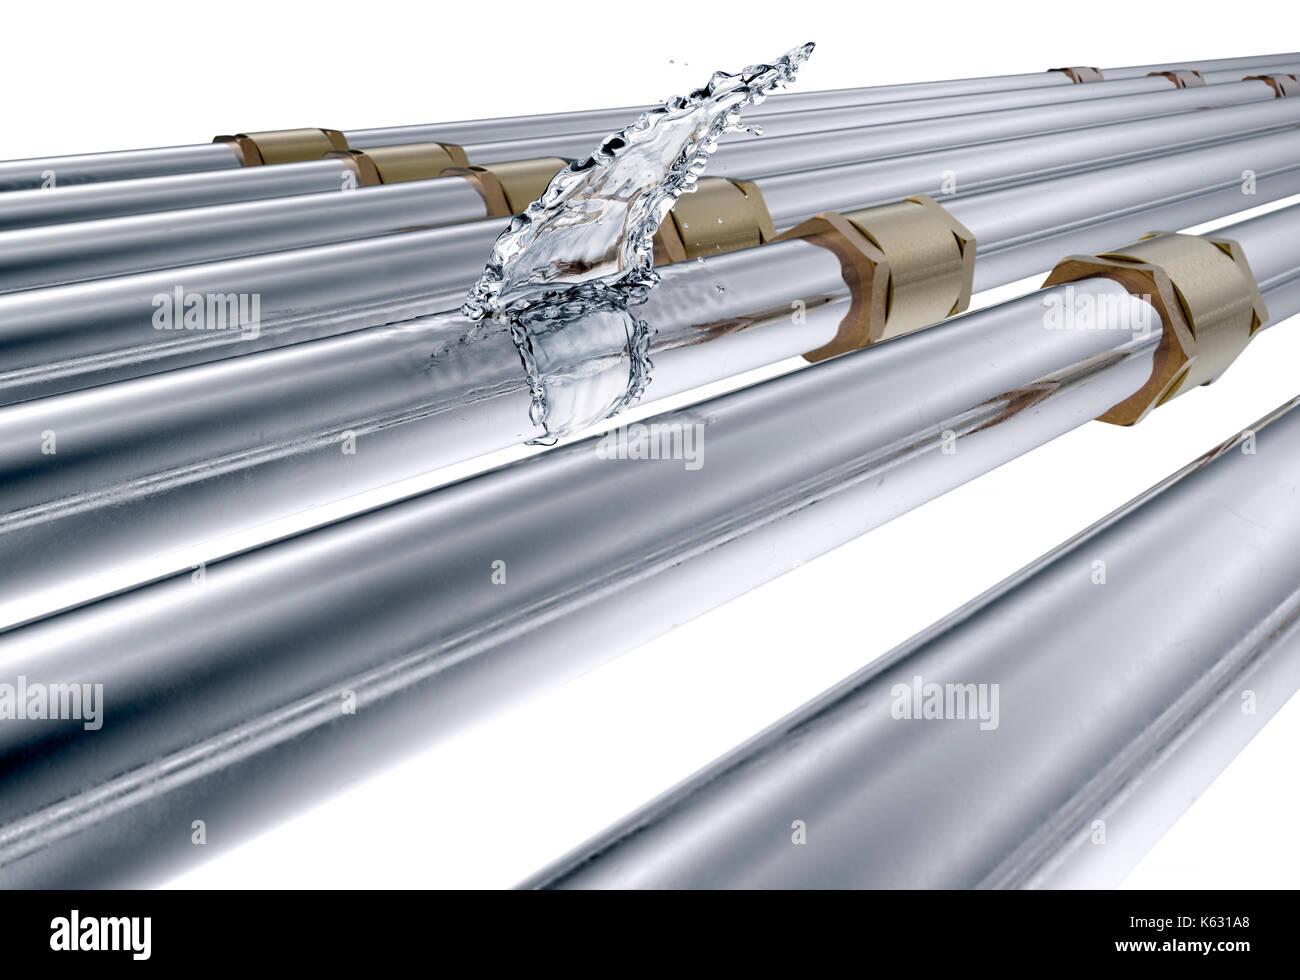 Defektes Rohr Ist Undicht Wasser Auf Weissem Isoliert 3d